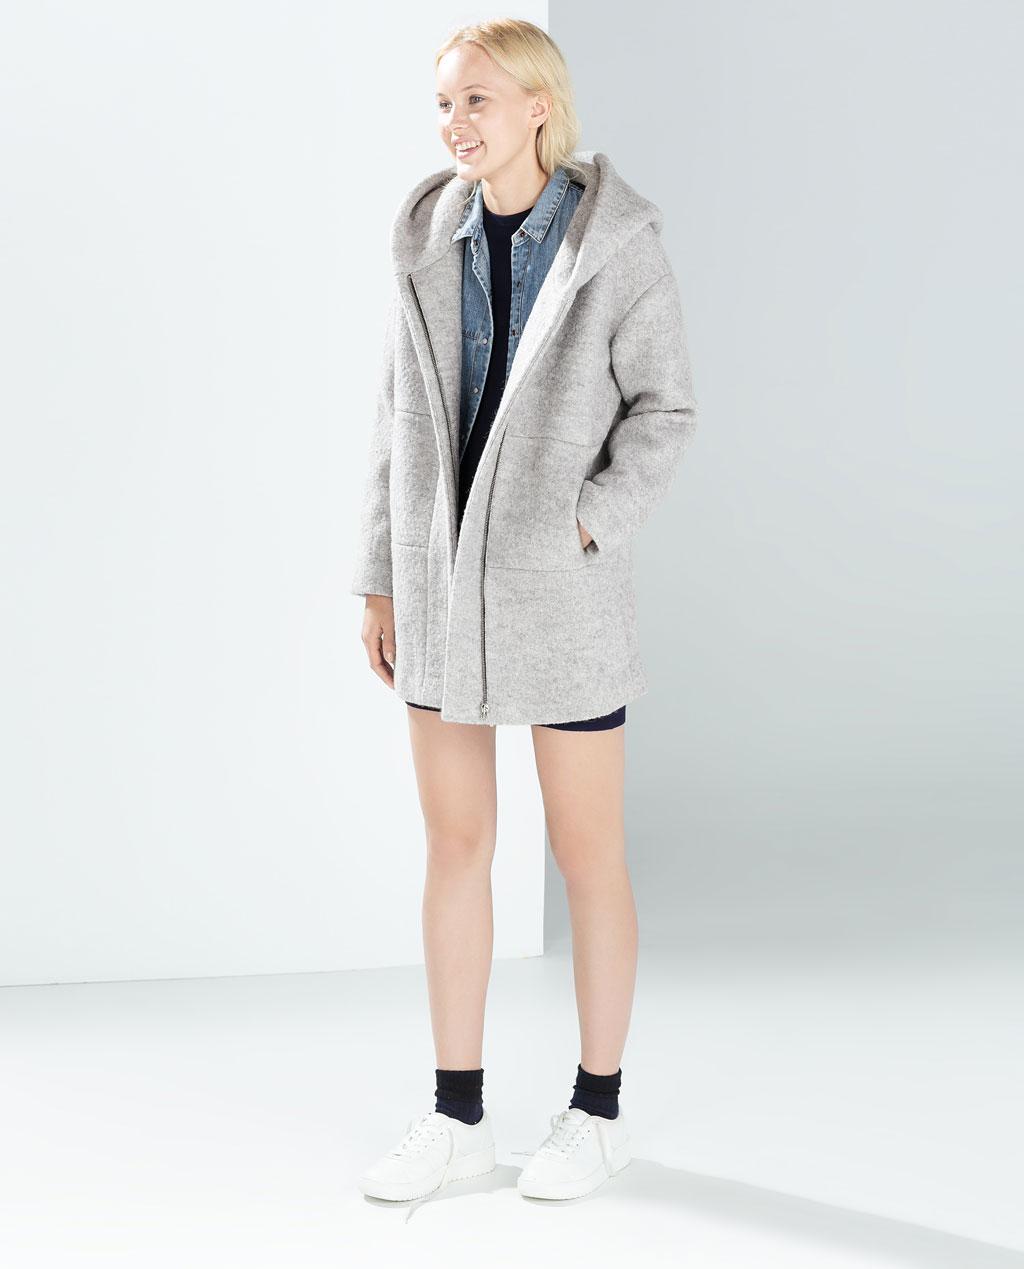 Images of Zara Wool Coat - Reikian